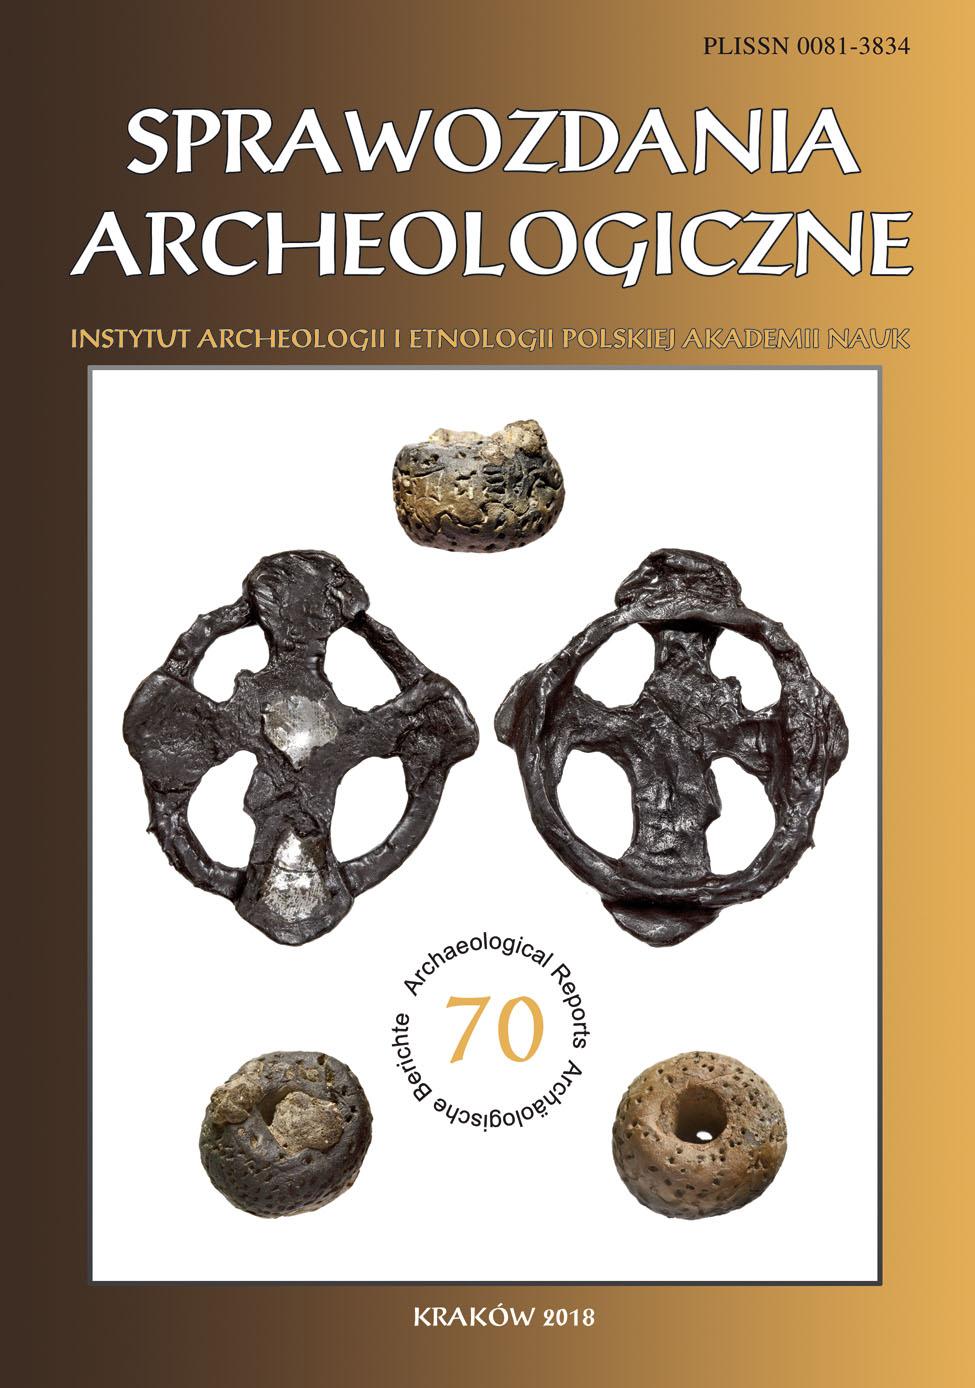 Sprawozdania Archeologiczne vol.70 2018